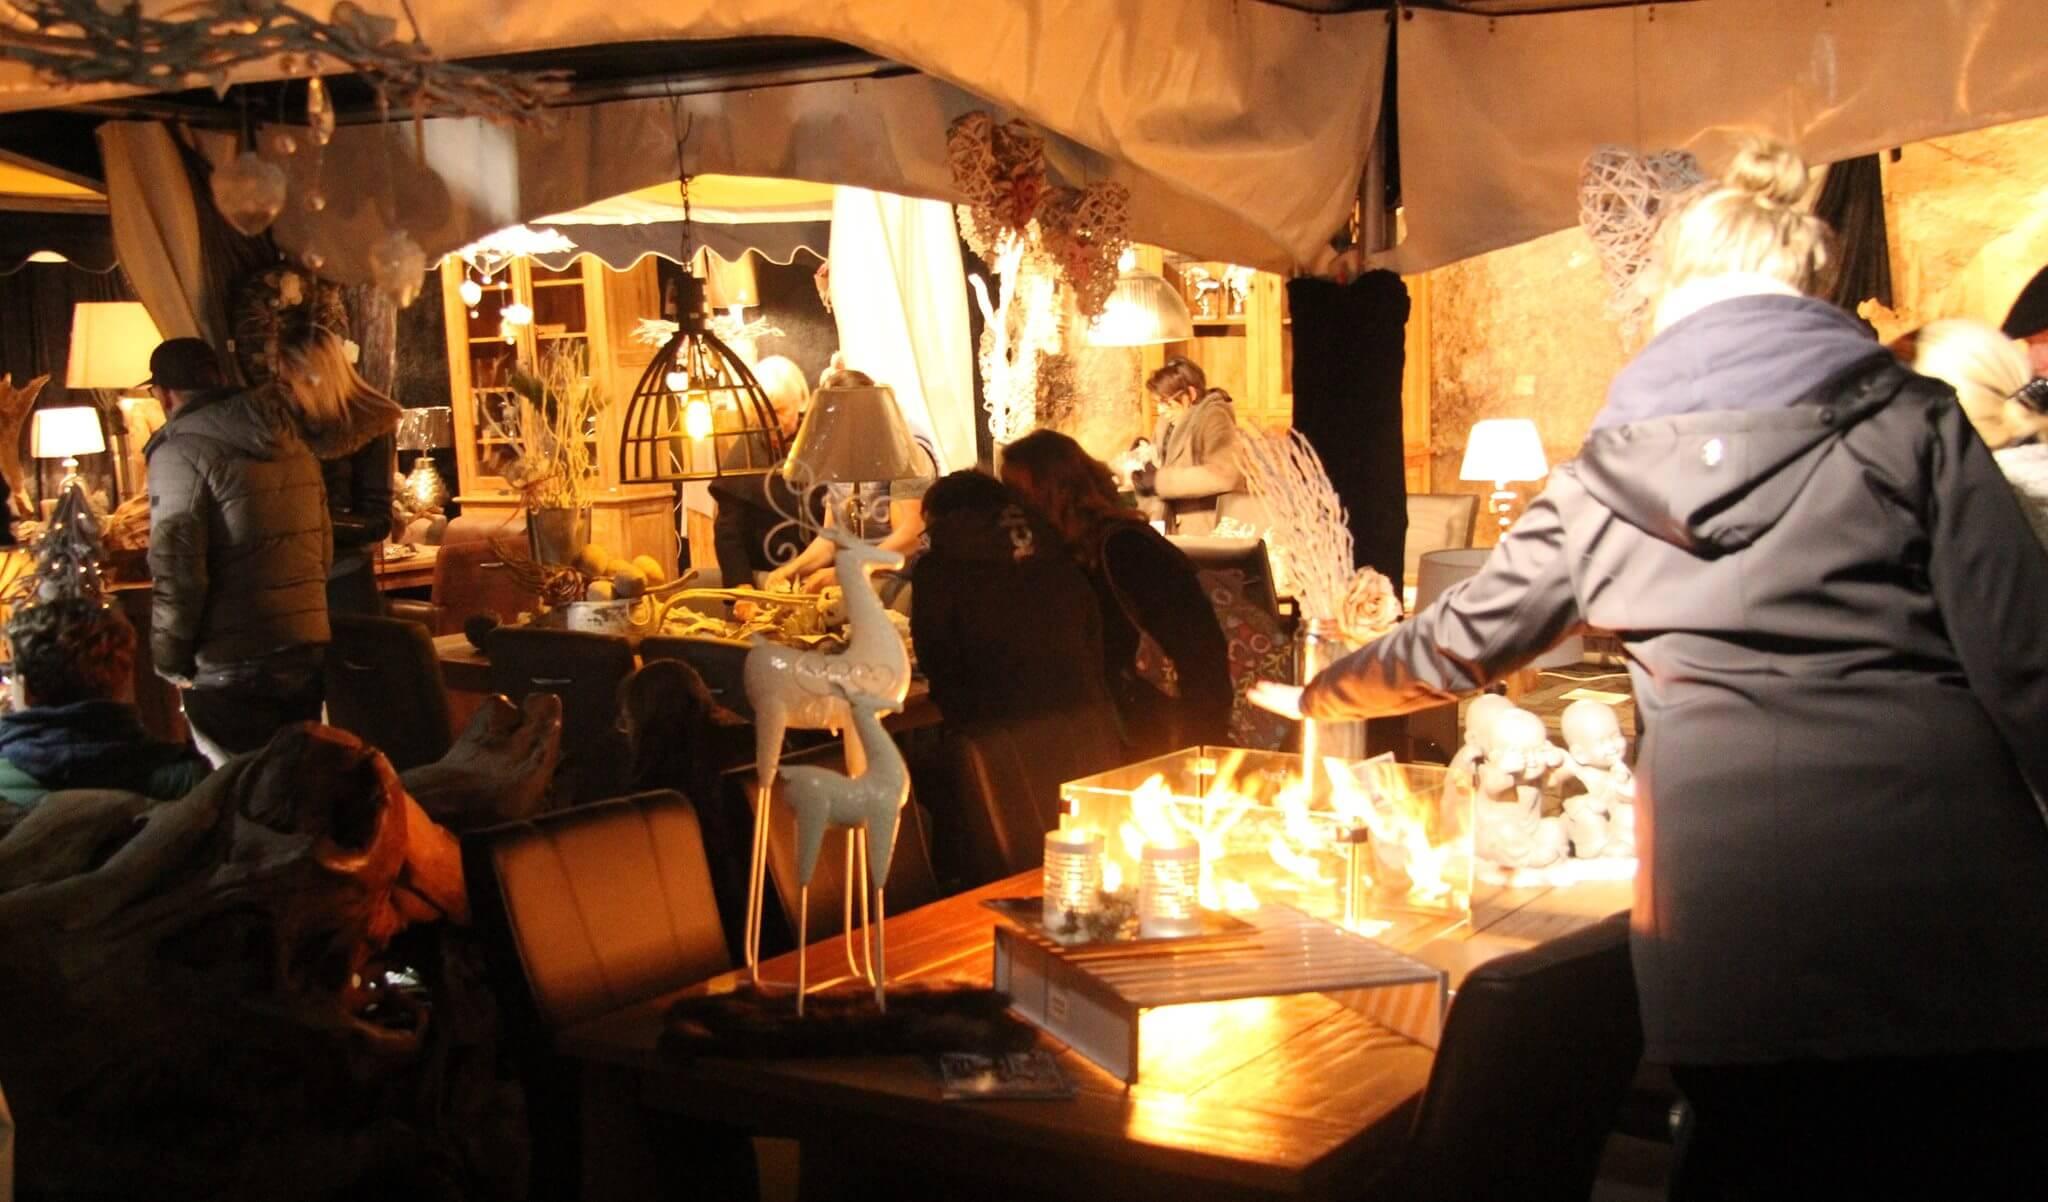 Verkauf von hochwertigen Interior-Design zum Martinimarkt 2016 in Bad Honnef dem Stadtfest in Nordrhein Westfalen